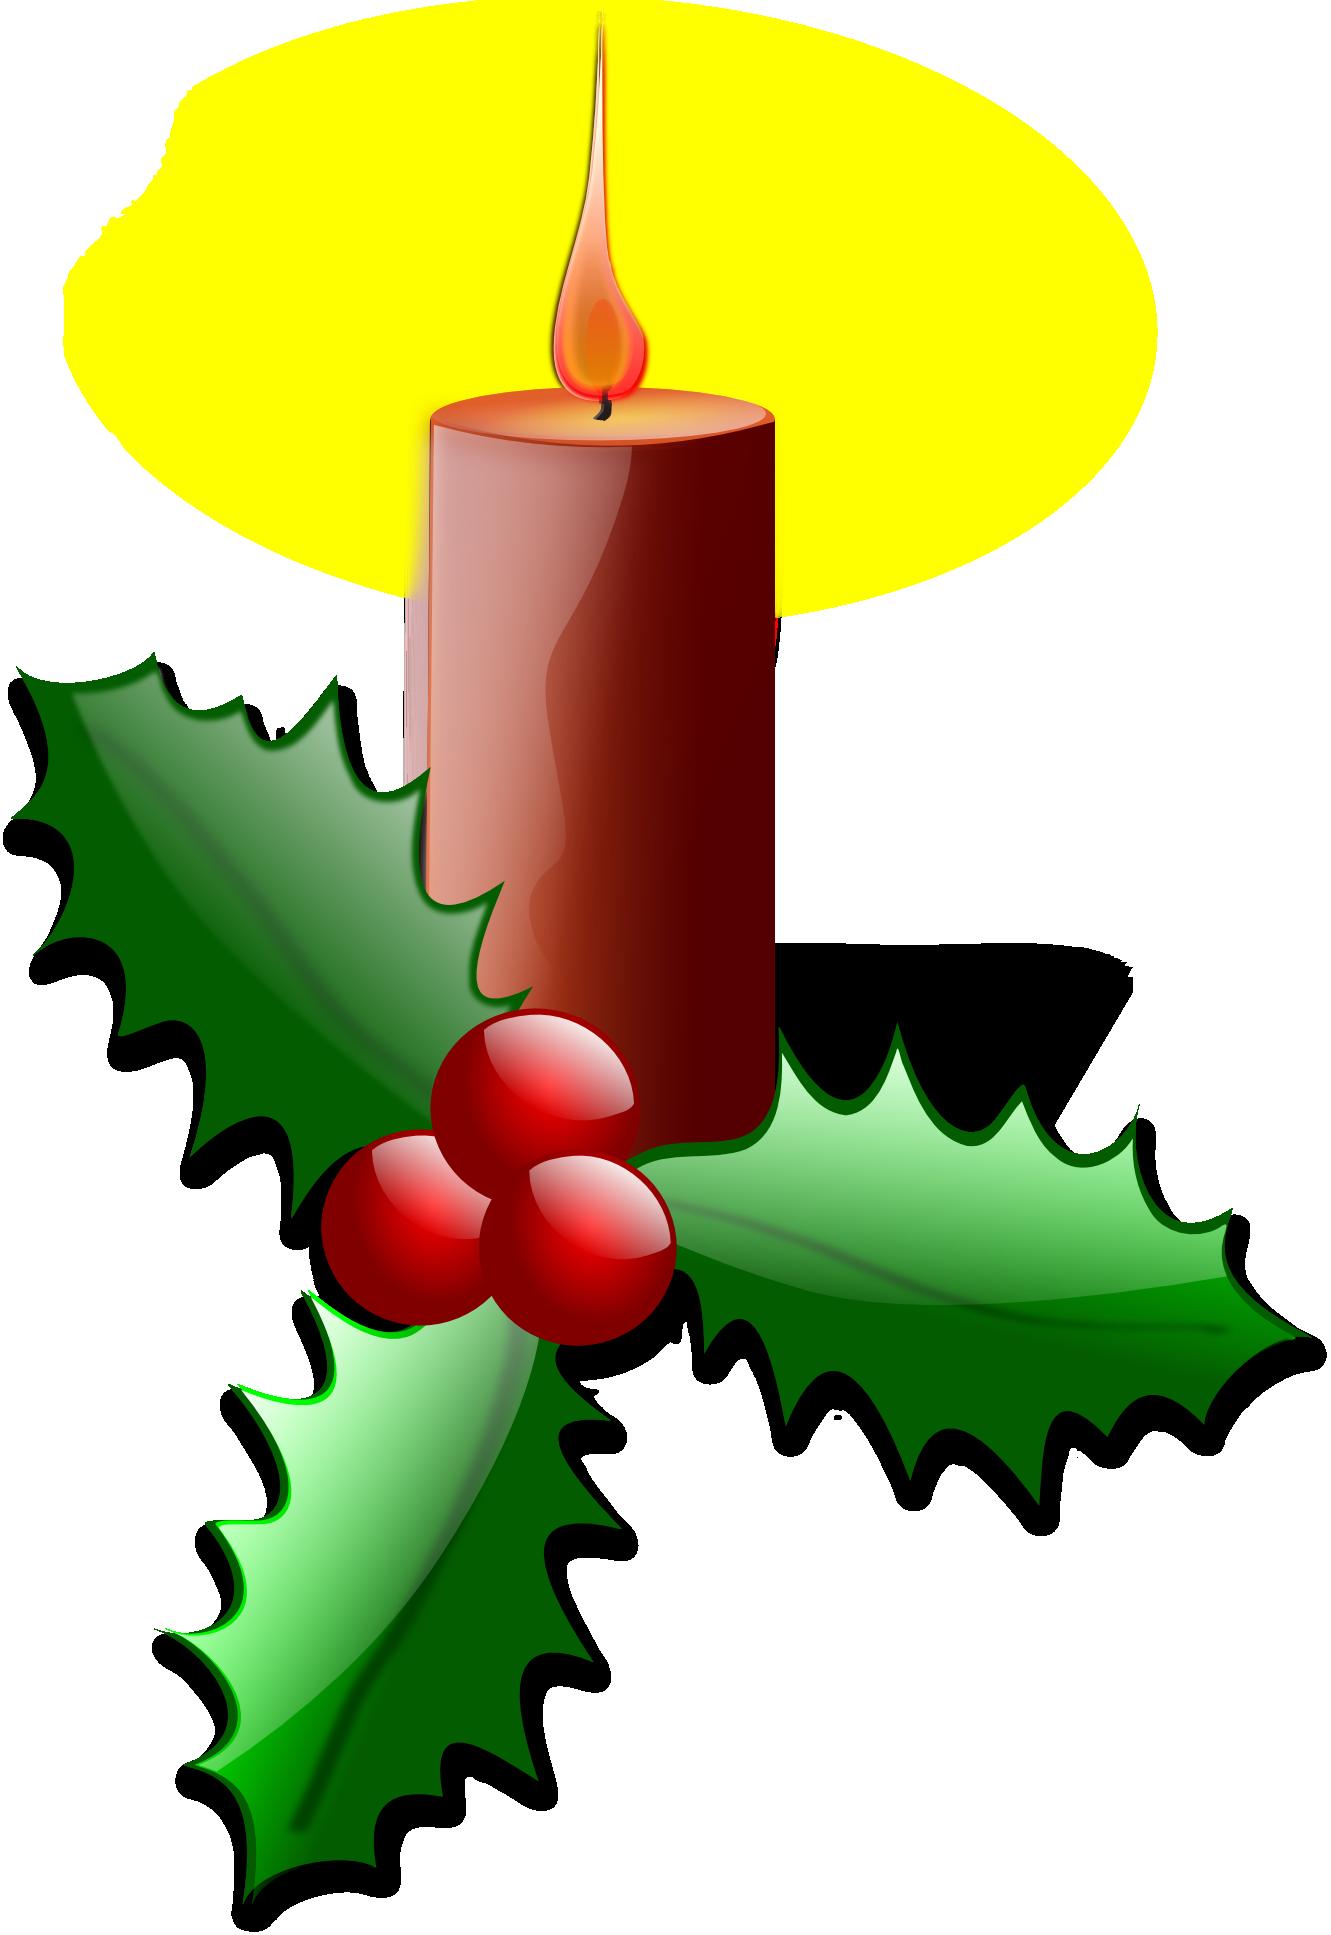 1331x1935 Christmas Holly Clip Art Clipart 2